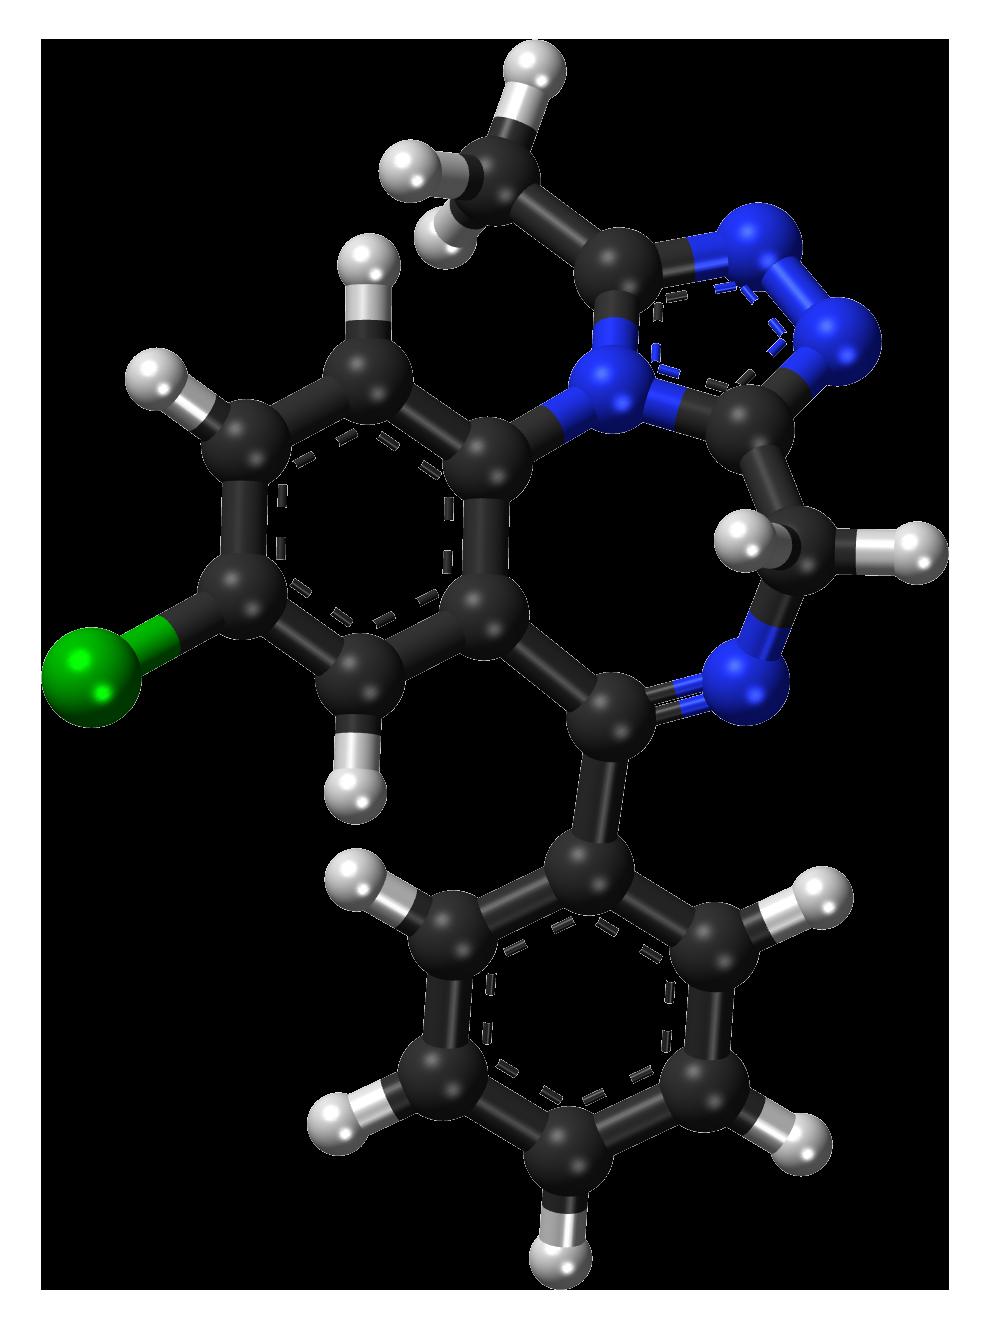 lisinopril canadian pharmacy